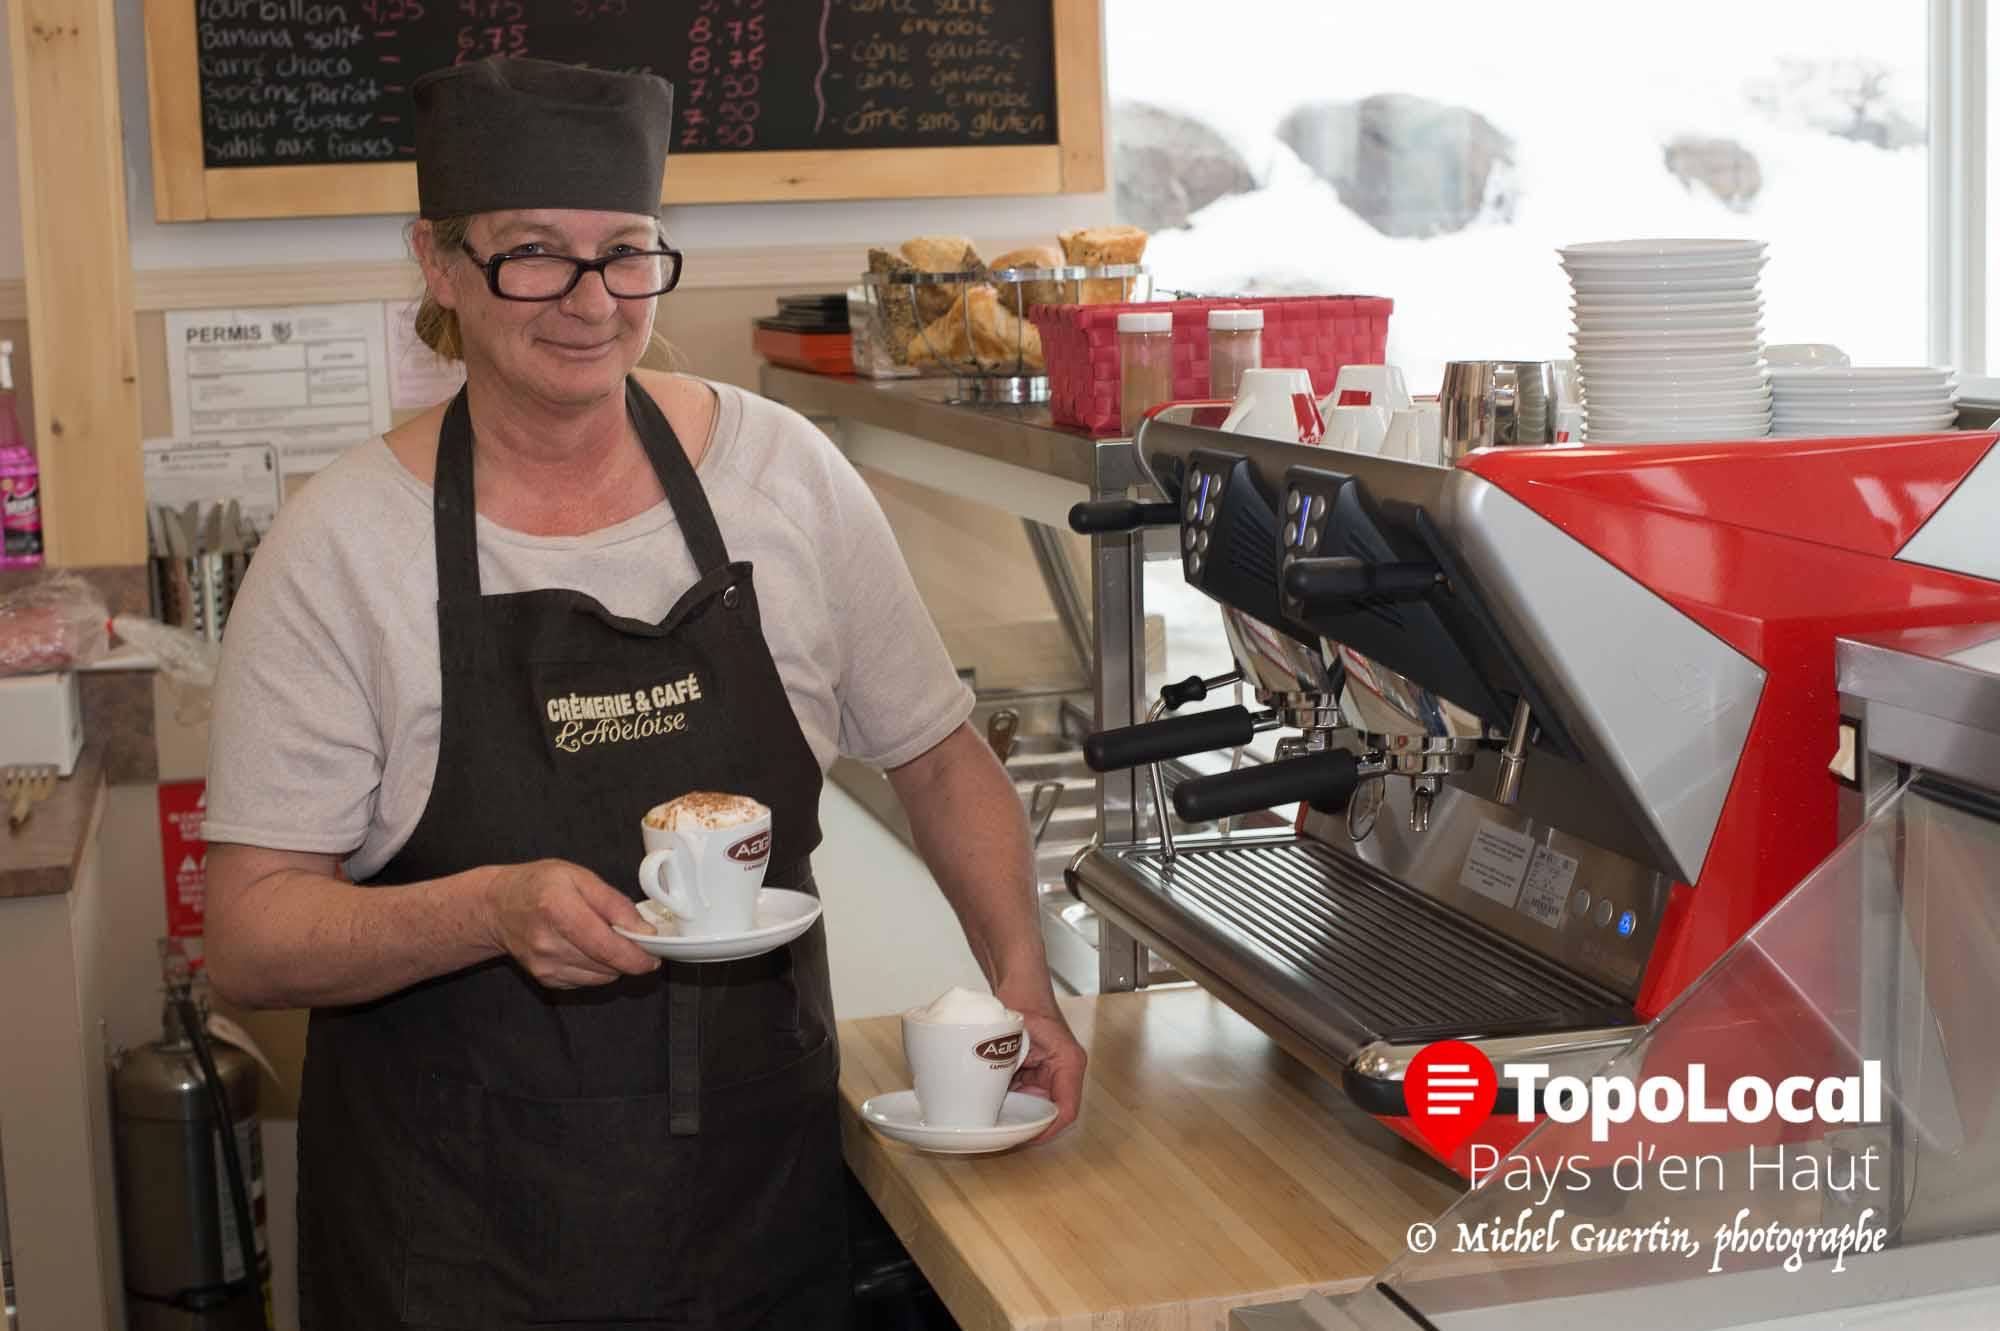 Le beau temps s'en vient et c'est le temps de se gâter à la nouvelle Crèmerie et café L'Adéloise dans ses nouveaux locaux, beaucoup plus grand, ce qui permet à la direction d'offrir repas et café. Allez dire bonjour à la propriétaire Lorraine Michaud.